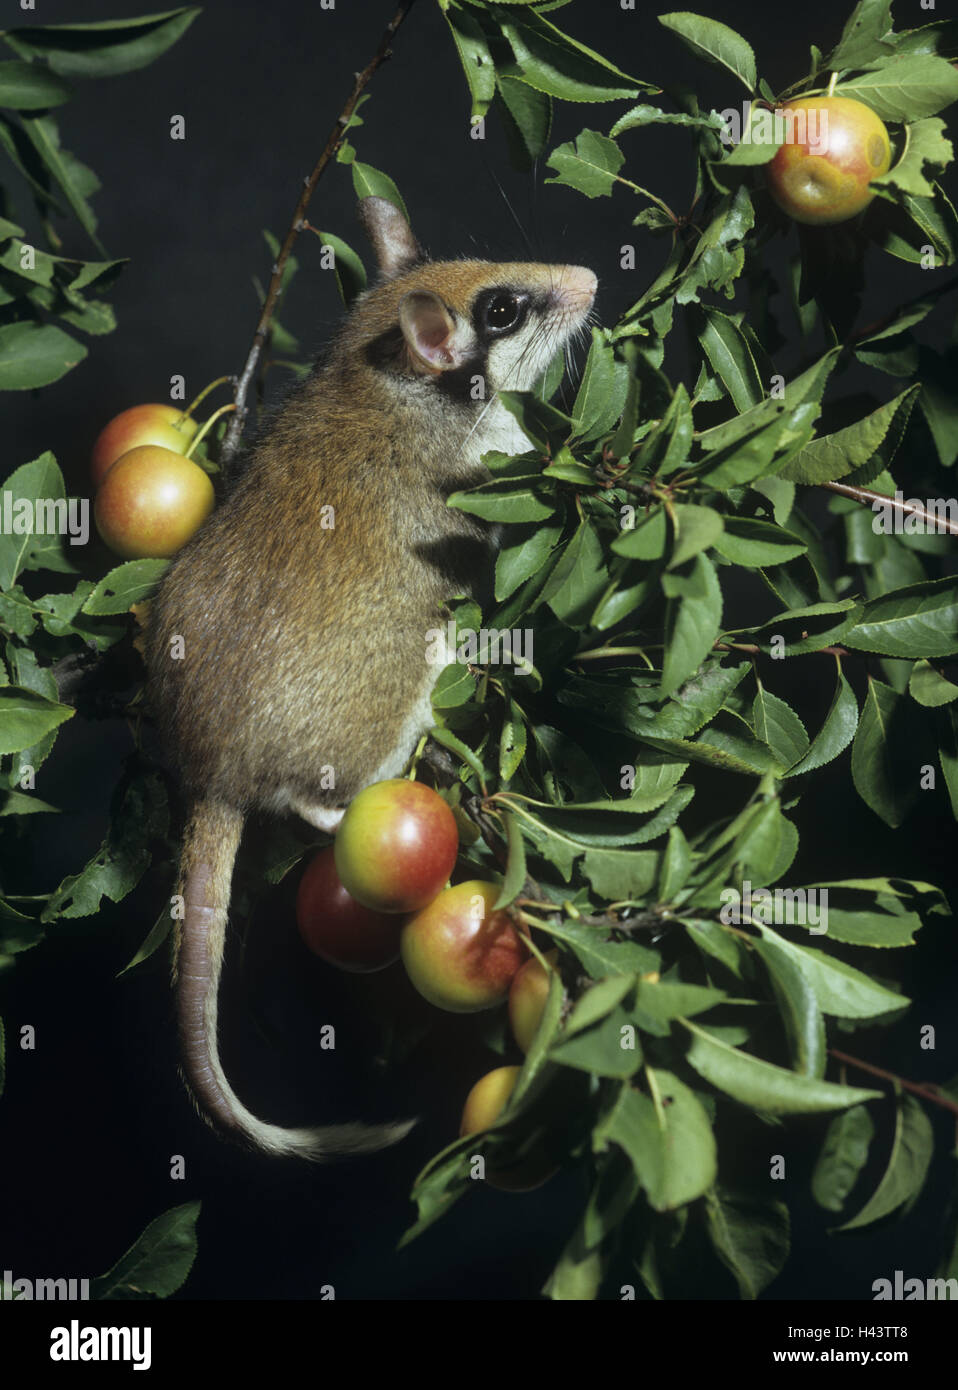 Obstbaum, Gartenschläfer, Eliomys Quercinus, Früchte, Essen, Tierwelt, Wildlife, Tier, wildes Tier, Nagetier, Stockbild